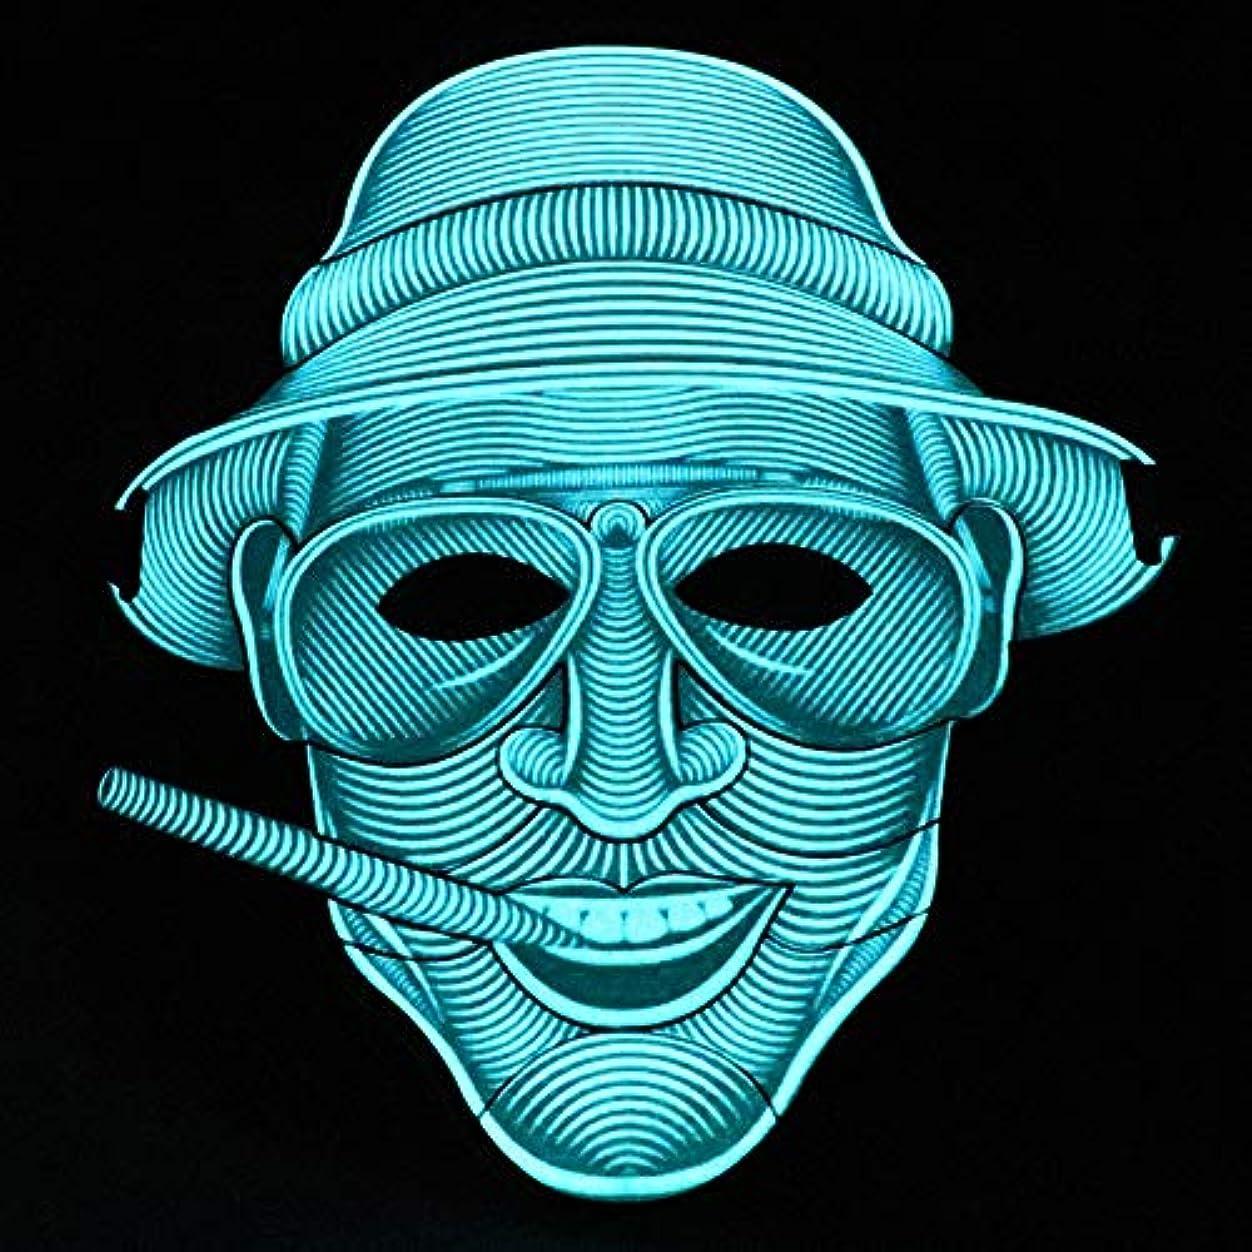 インセンティブ以上ポジティブ照らされたマスクLED創造的な冷光音響制御マスクハロウィンバーフェスティバルダンスマスク (Color : #15)